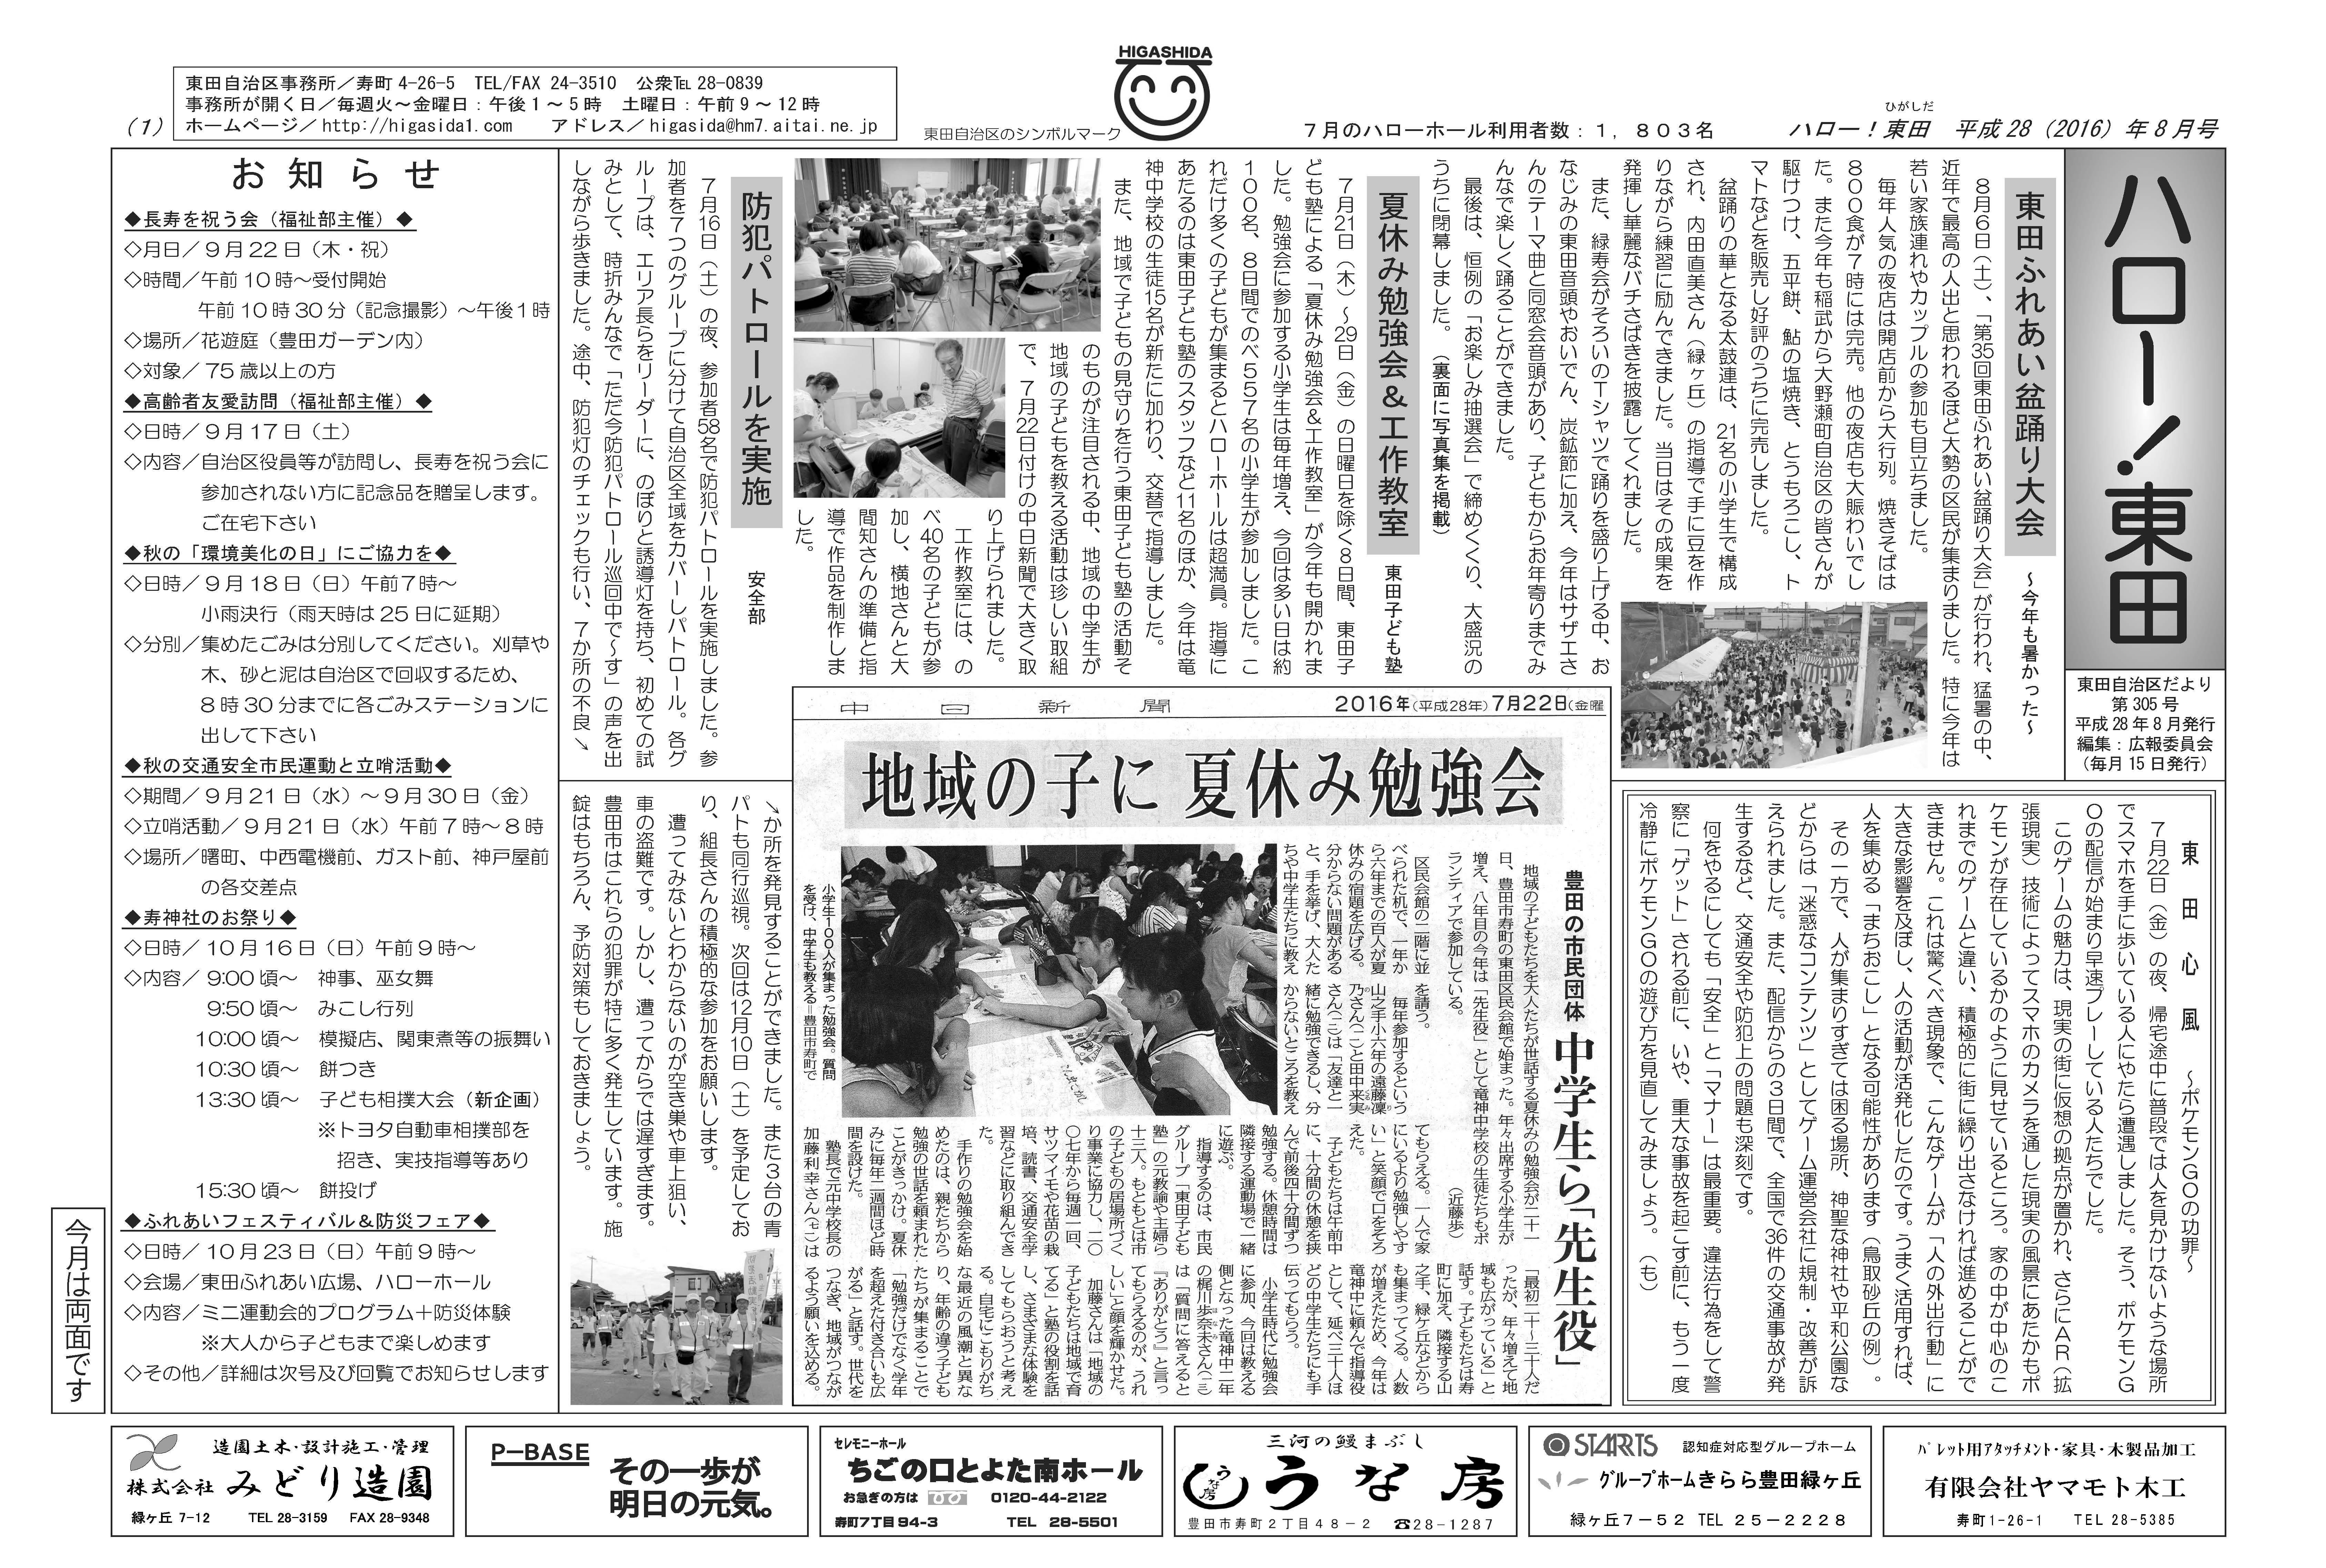 ハロー東田 2016.08号印刷用モノクロ